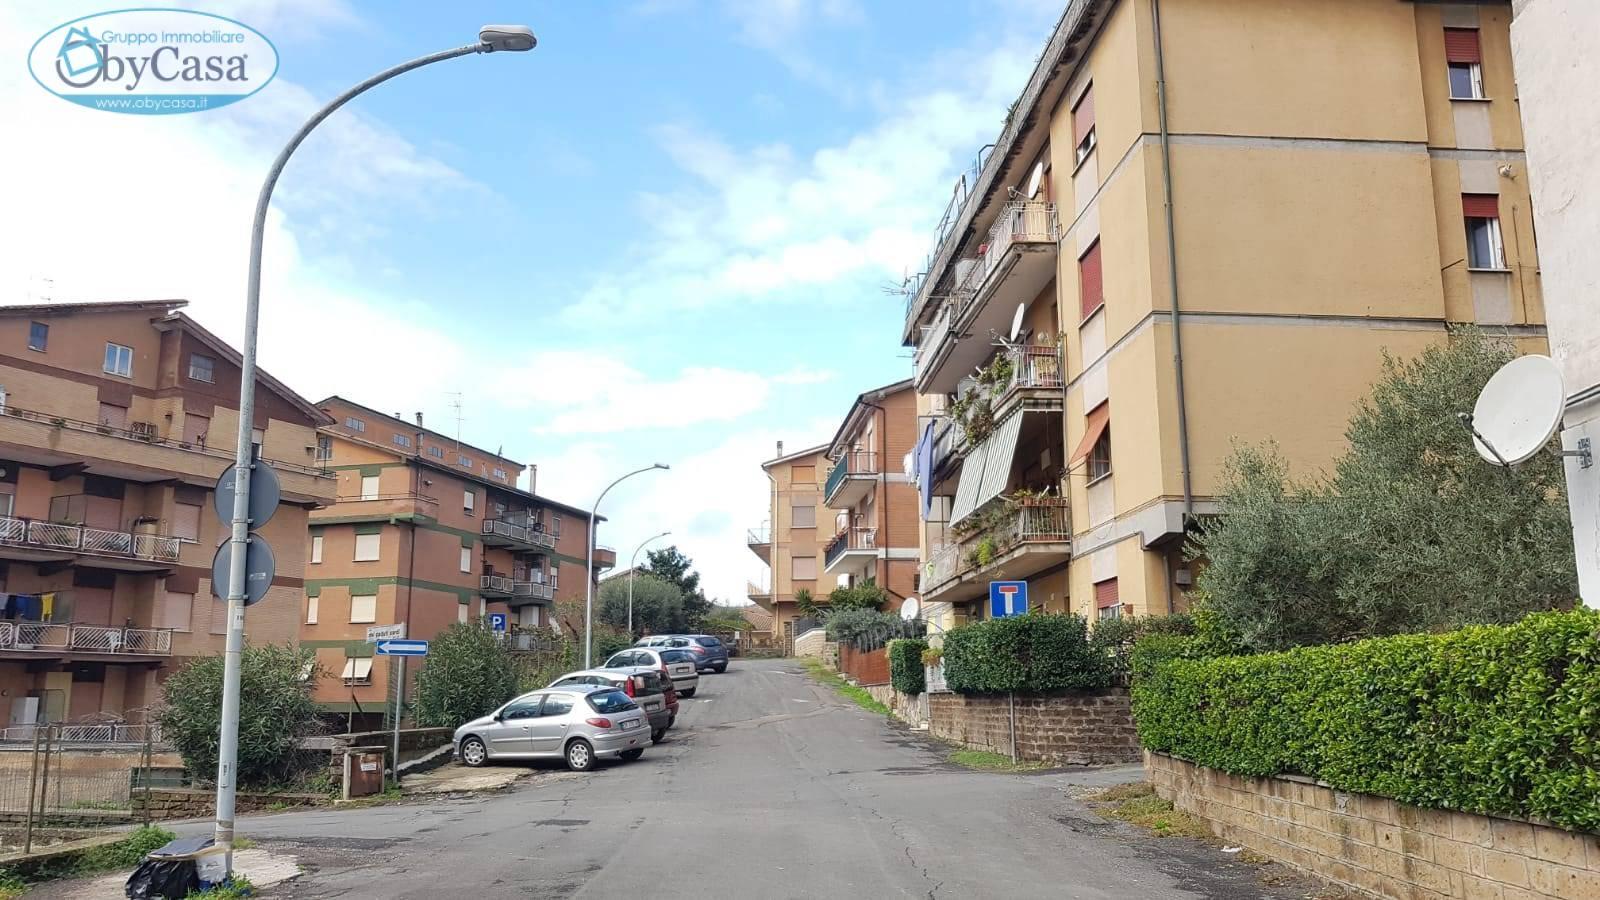 Appartamento in vendita Rif. 11543441